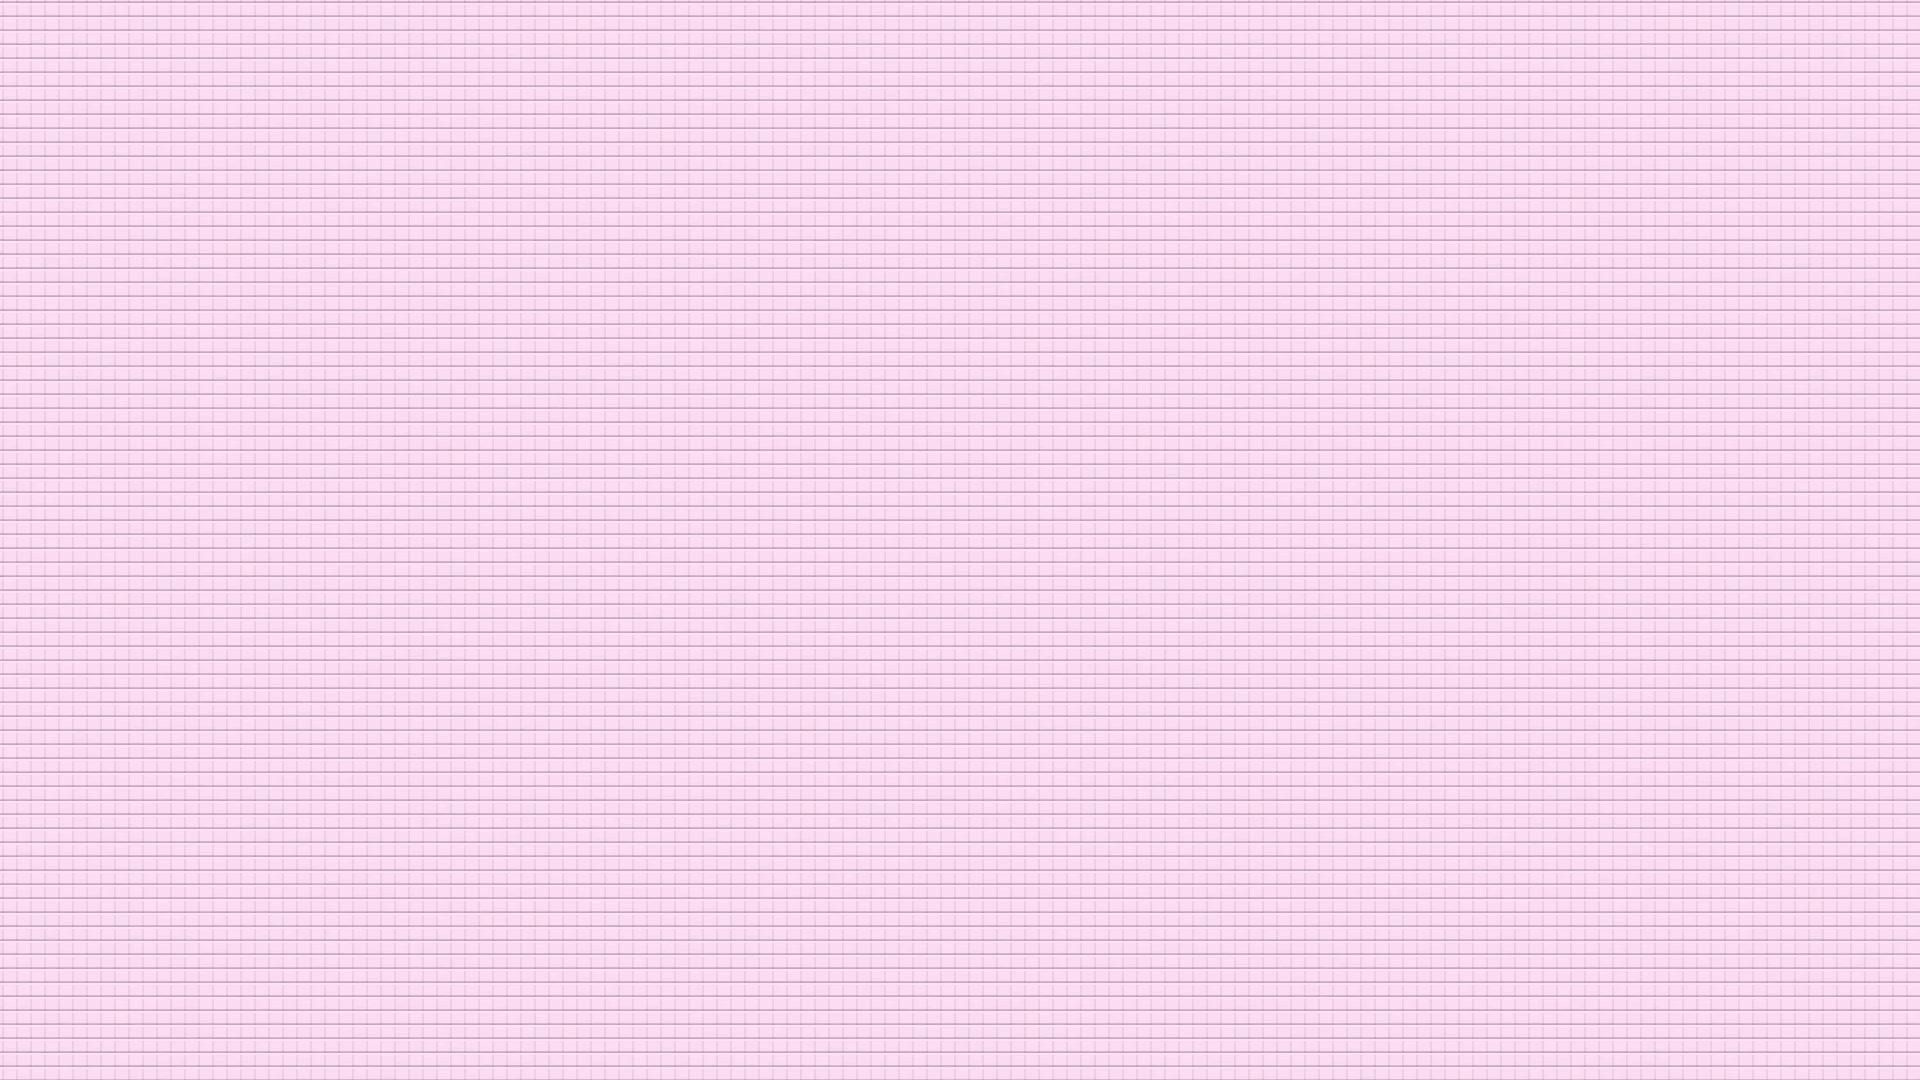 タイル風2_pink